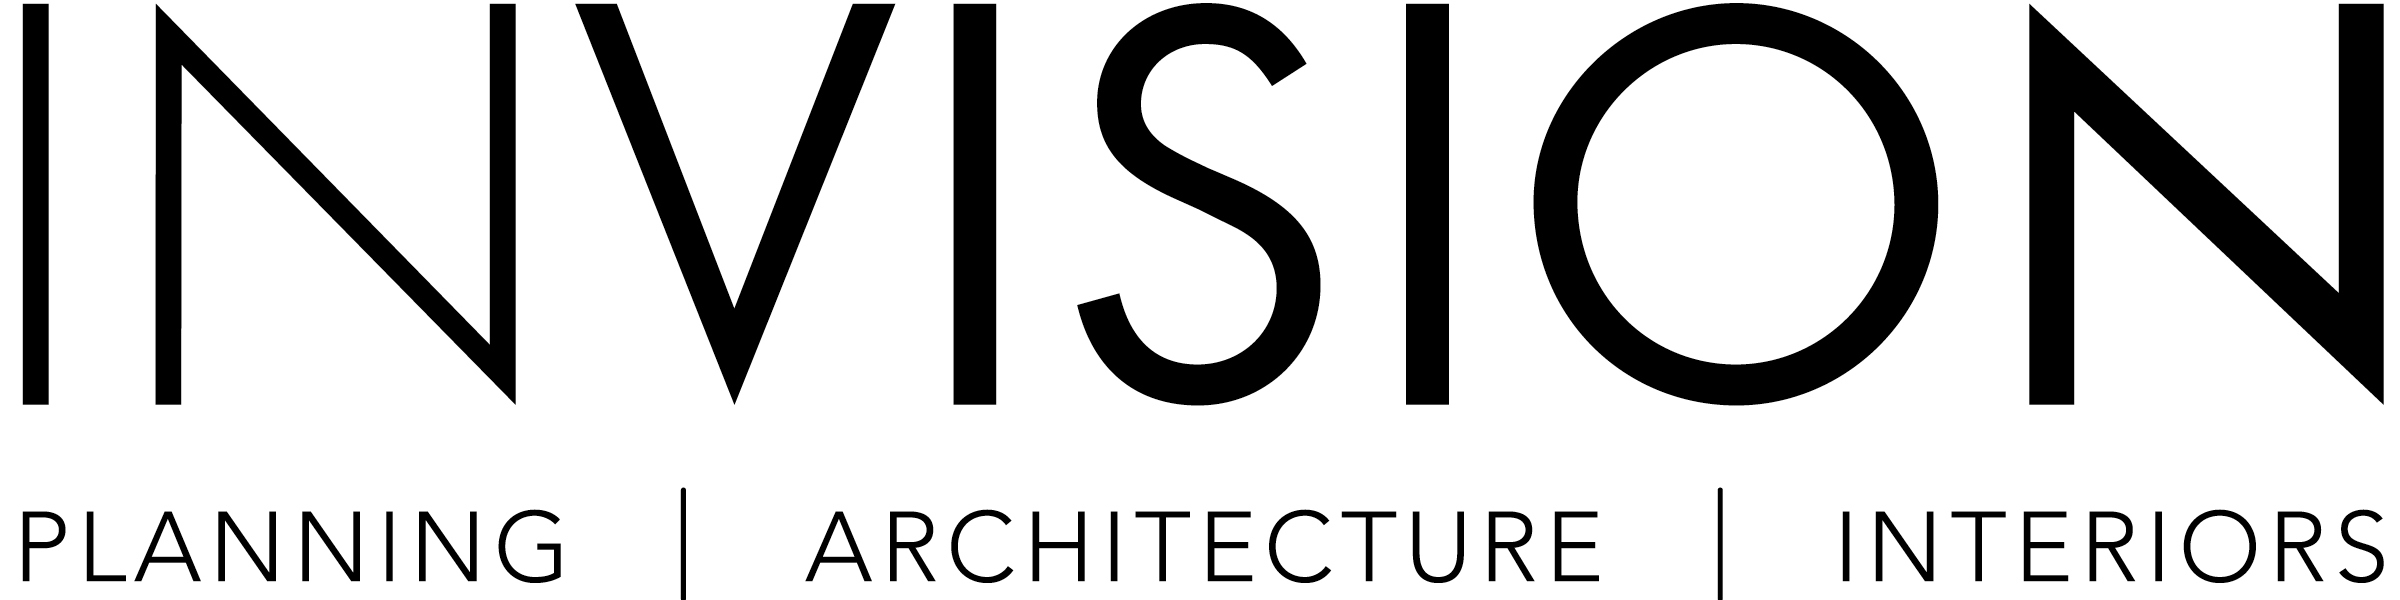 INVISION Planning, Architecture, Interiors Company Logo